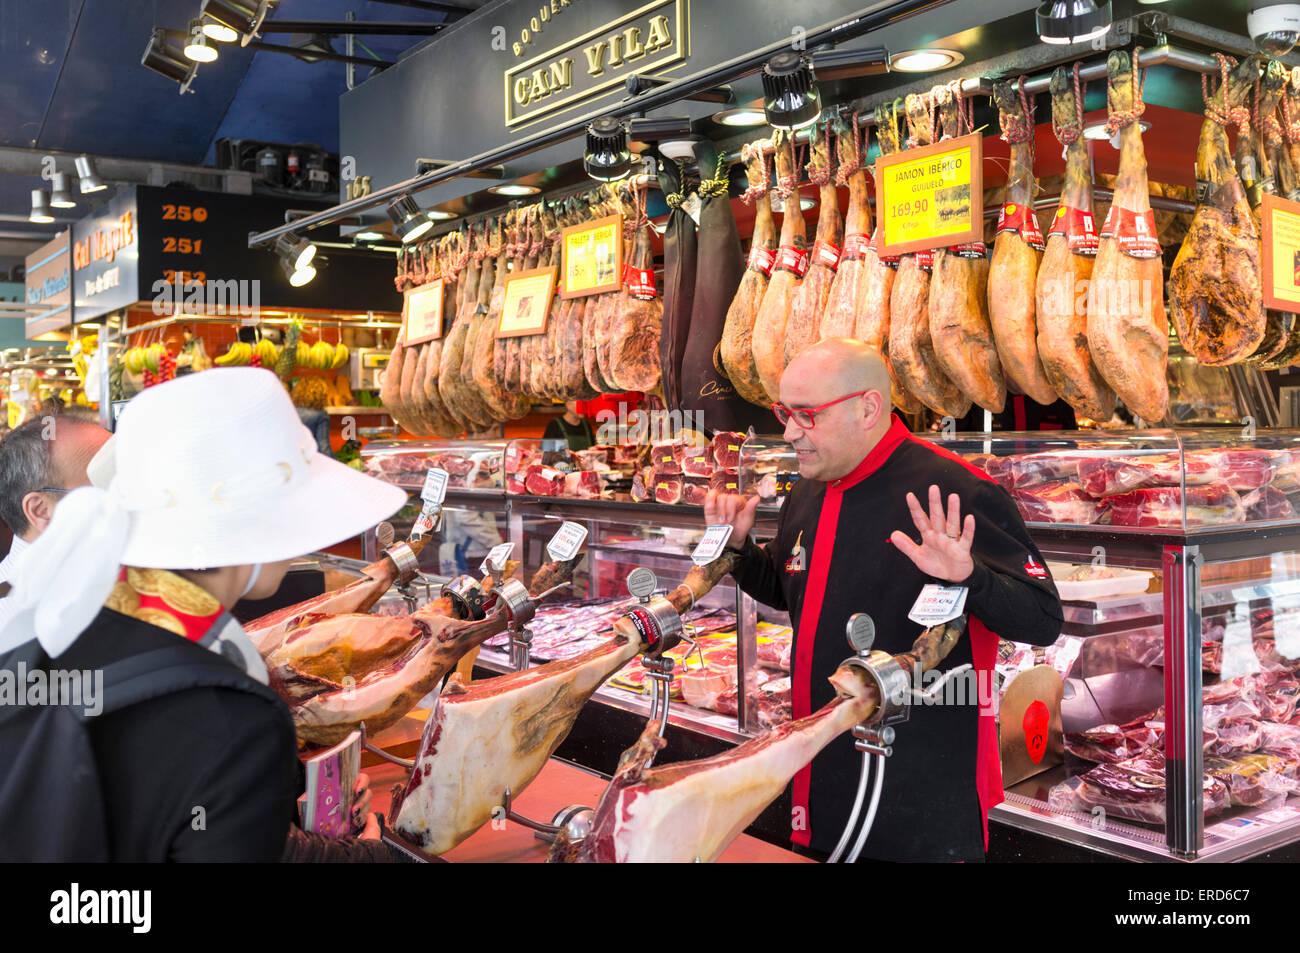 Serrano ham at La Boqueria market, Barcelona, Spain - Stock Image